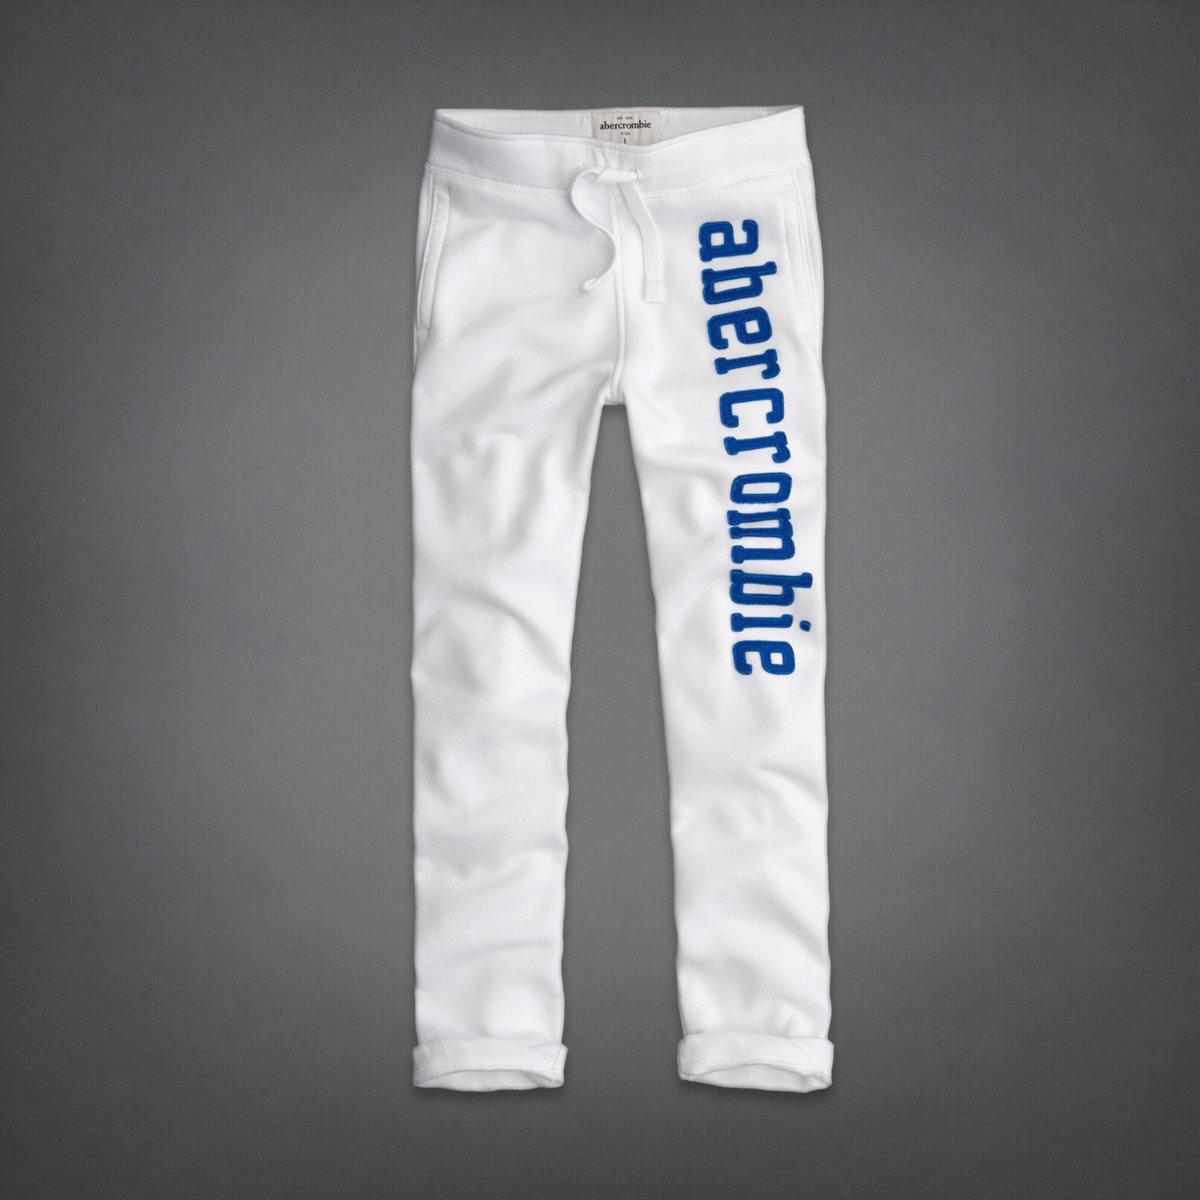 美國百分百【全新真品】Abercrombie & Fitch 褲子 AF 長褲 棉褲 麋鹿 文字 刷毛 白 口袋 S號 男 女